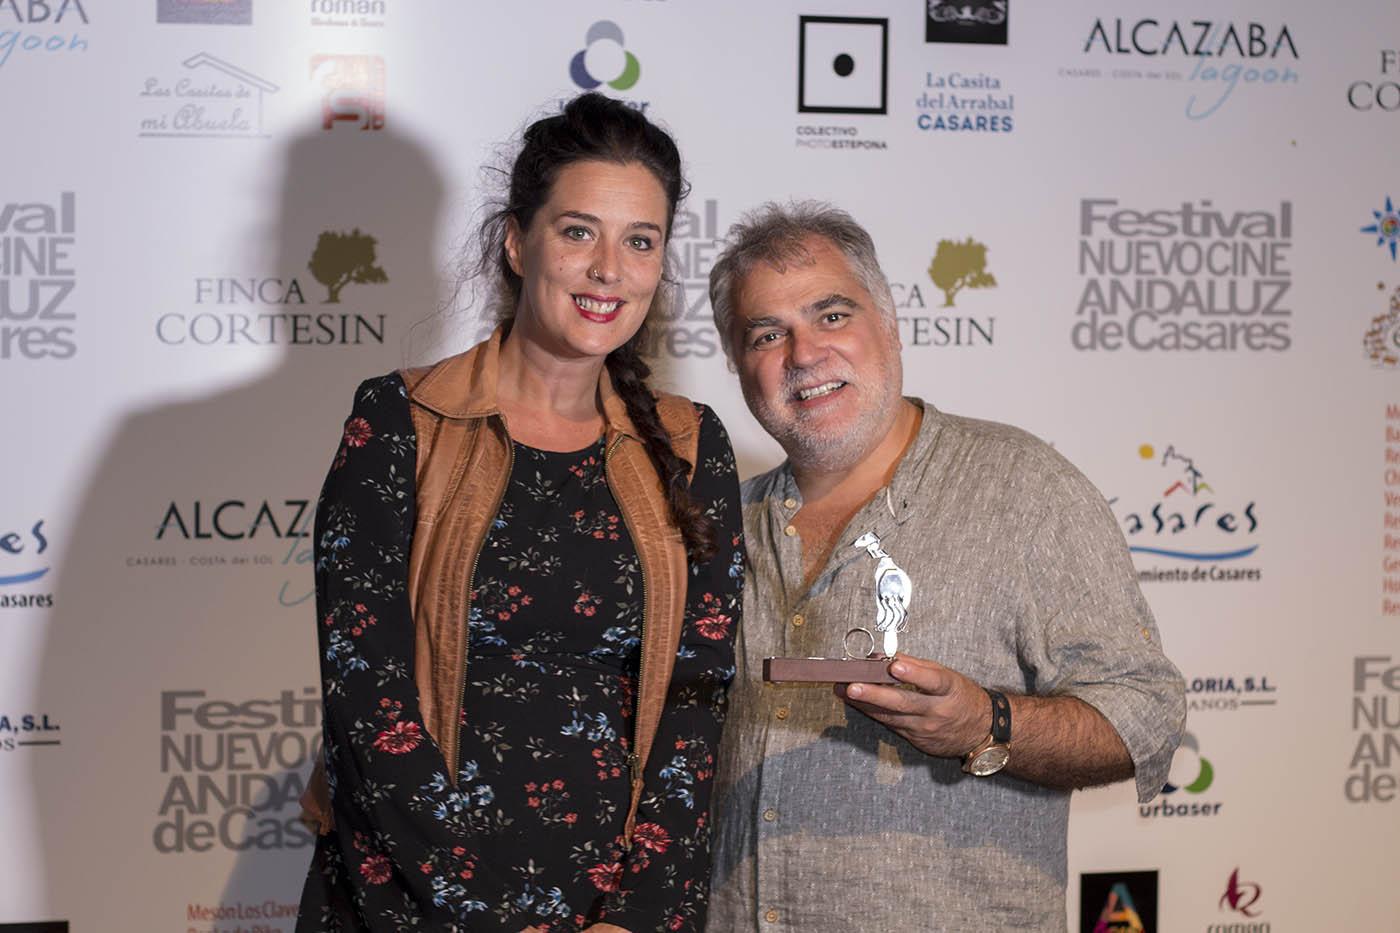 Benito Zambrano, premio Cámara Oscura 2017